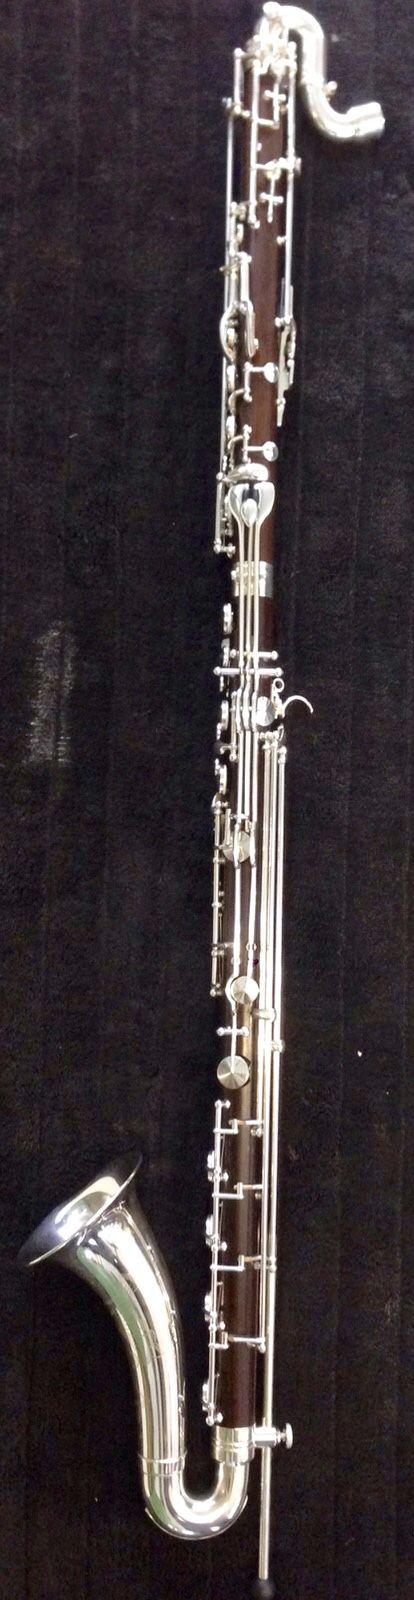 Fertig ist eine edle Bassklarinette mit einem Wunderschönen Klang.